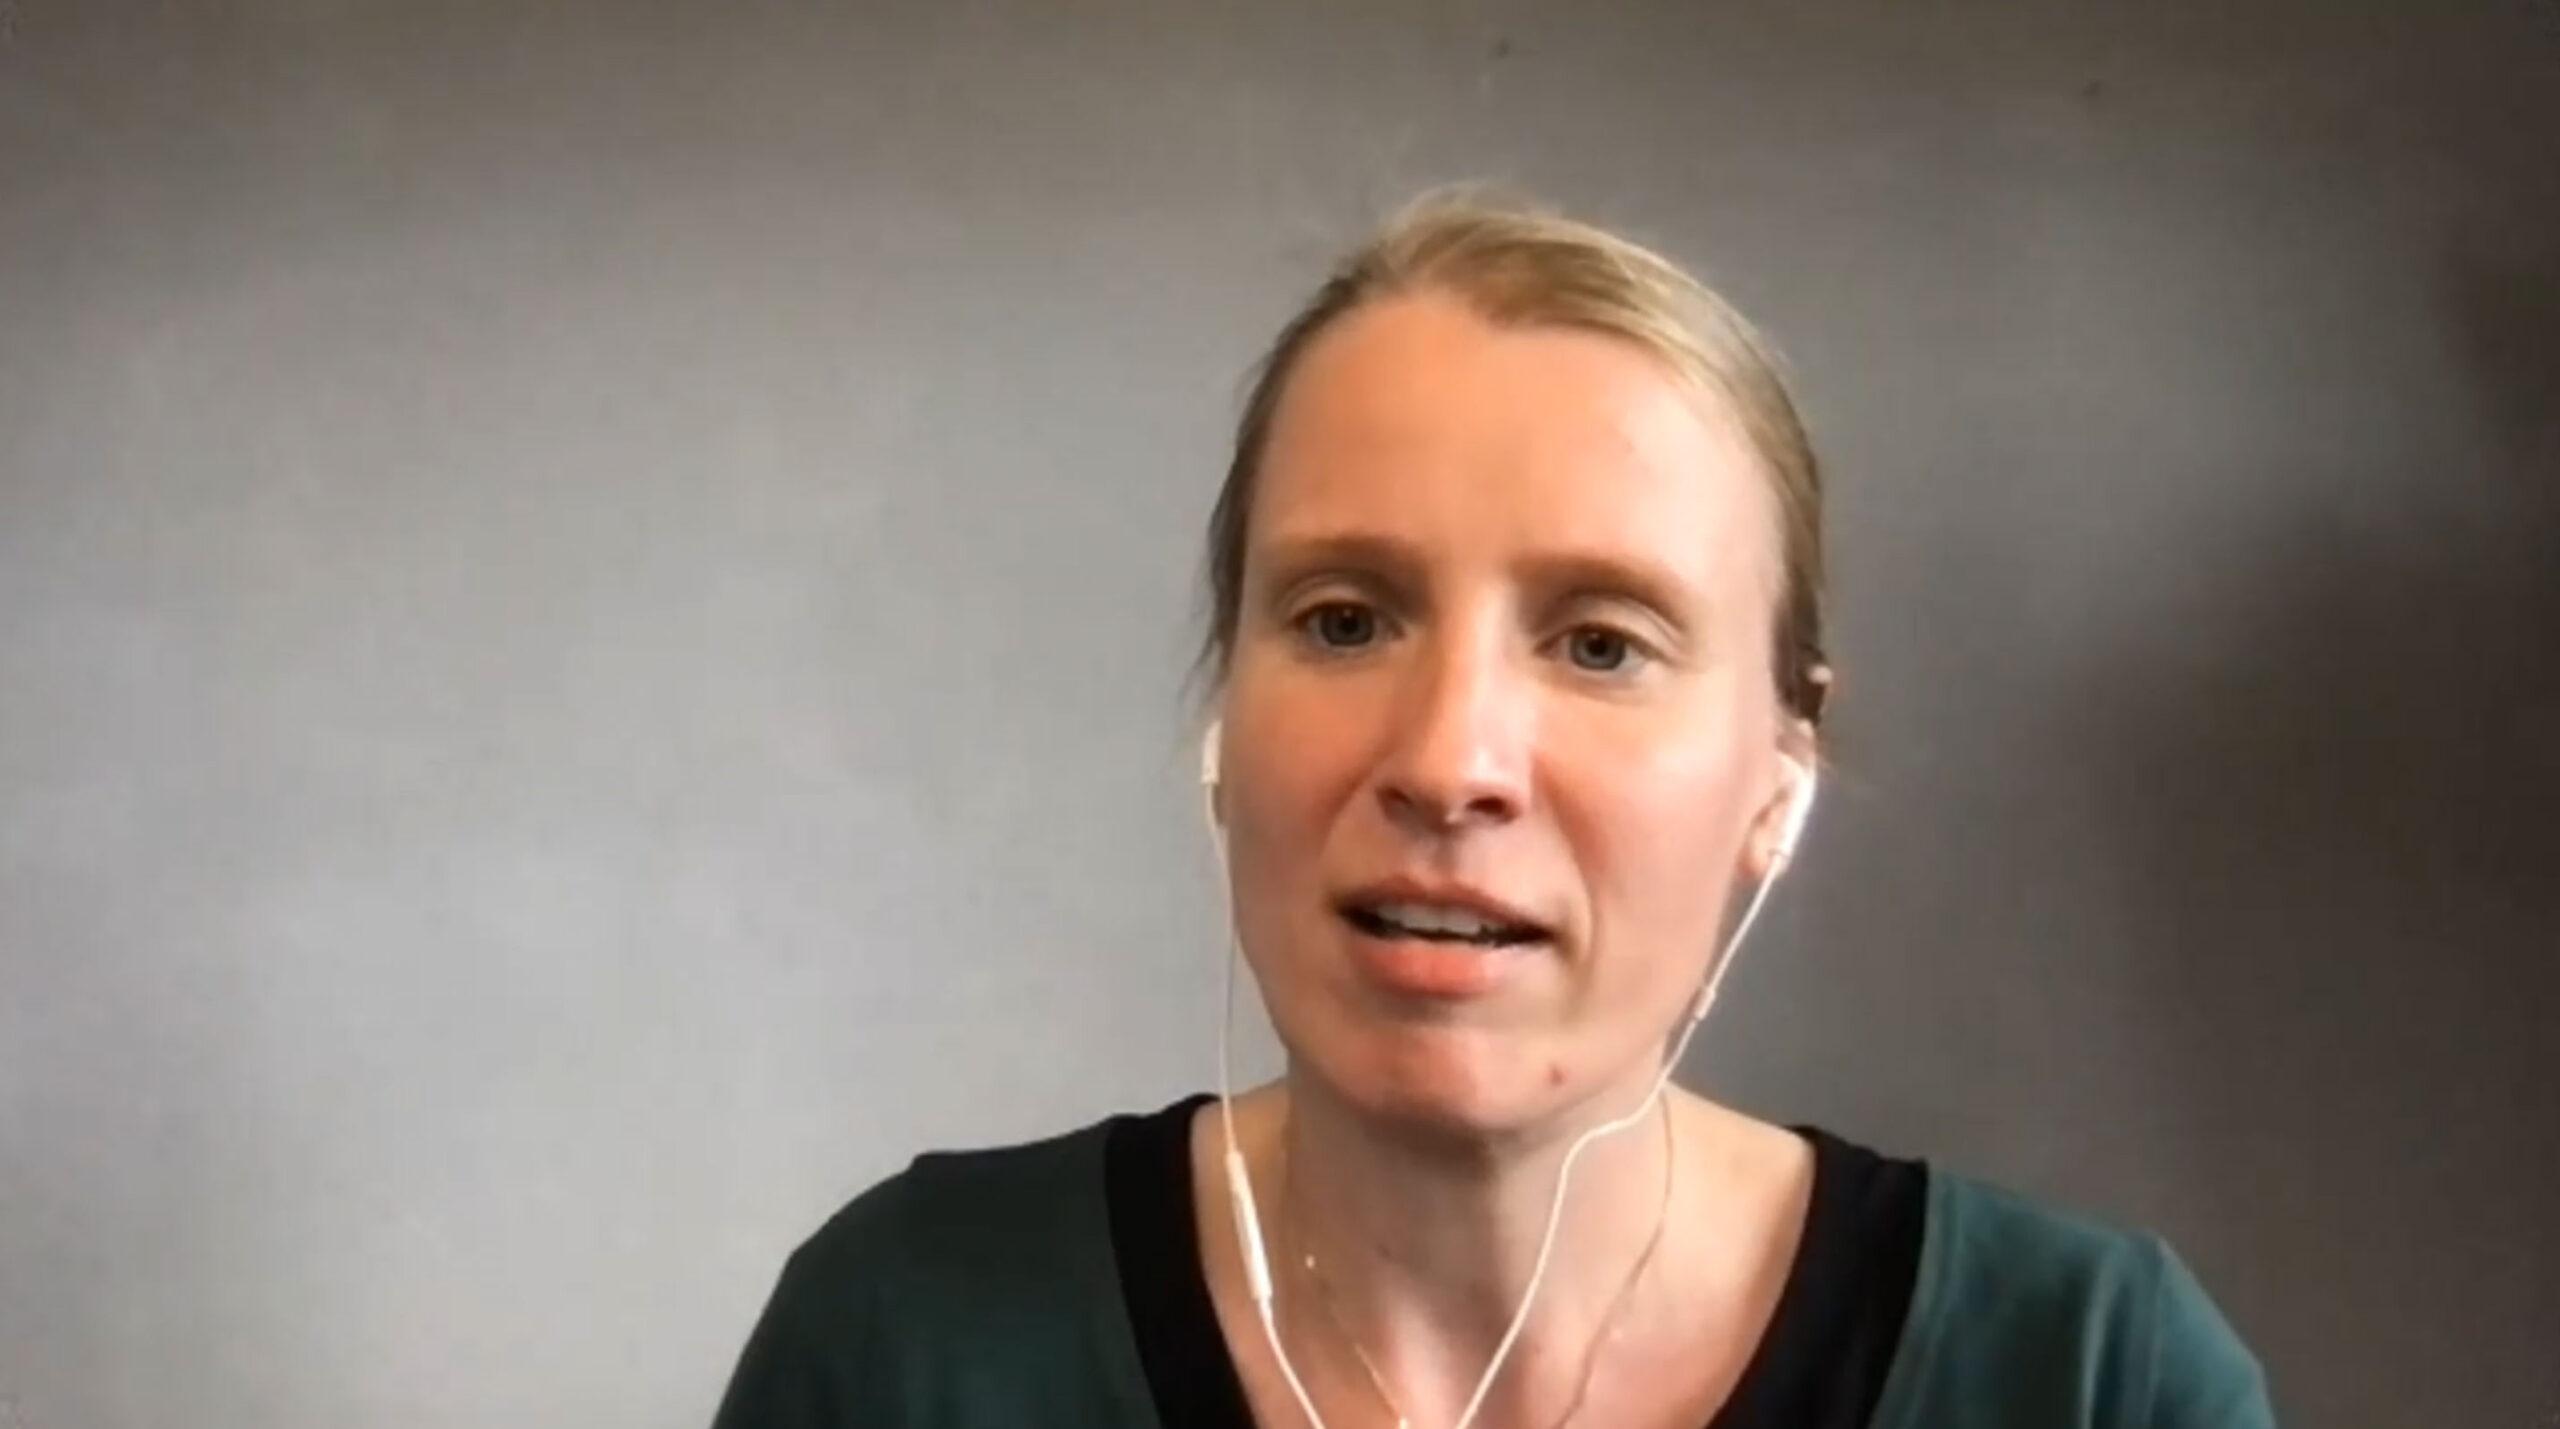 [Video] Den Konfliktmuskel trainieren – Ein WorkOut für ein gesundes Immunsystem von Teams und Organisation